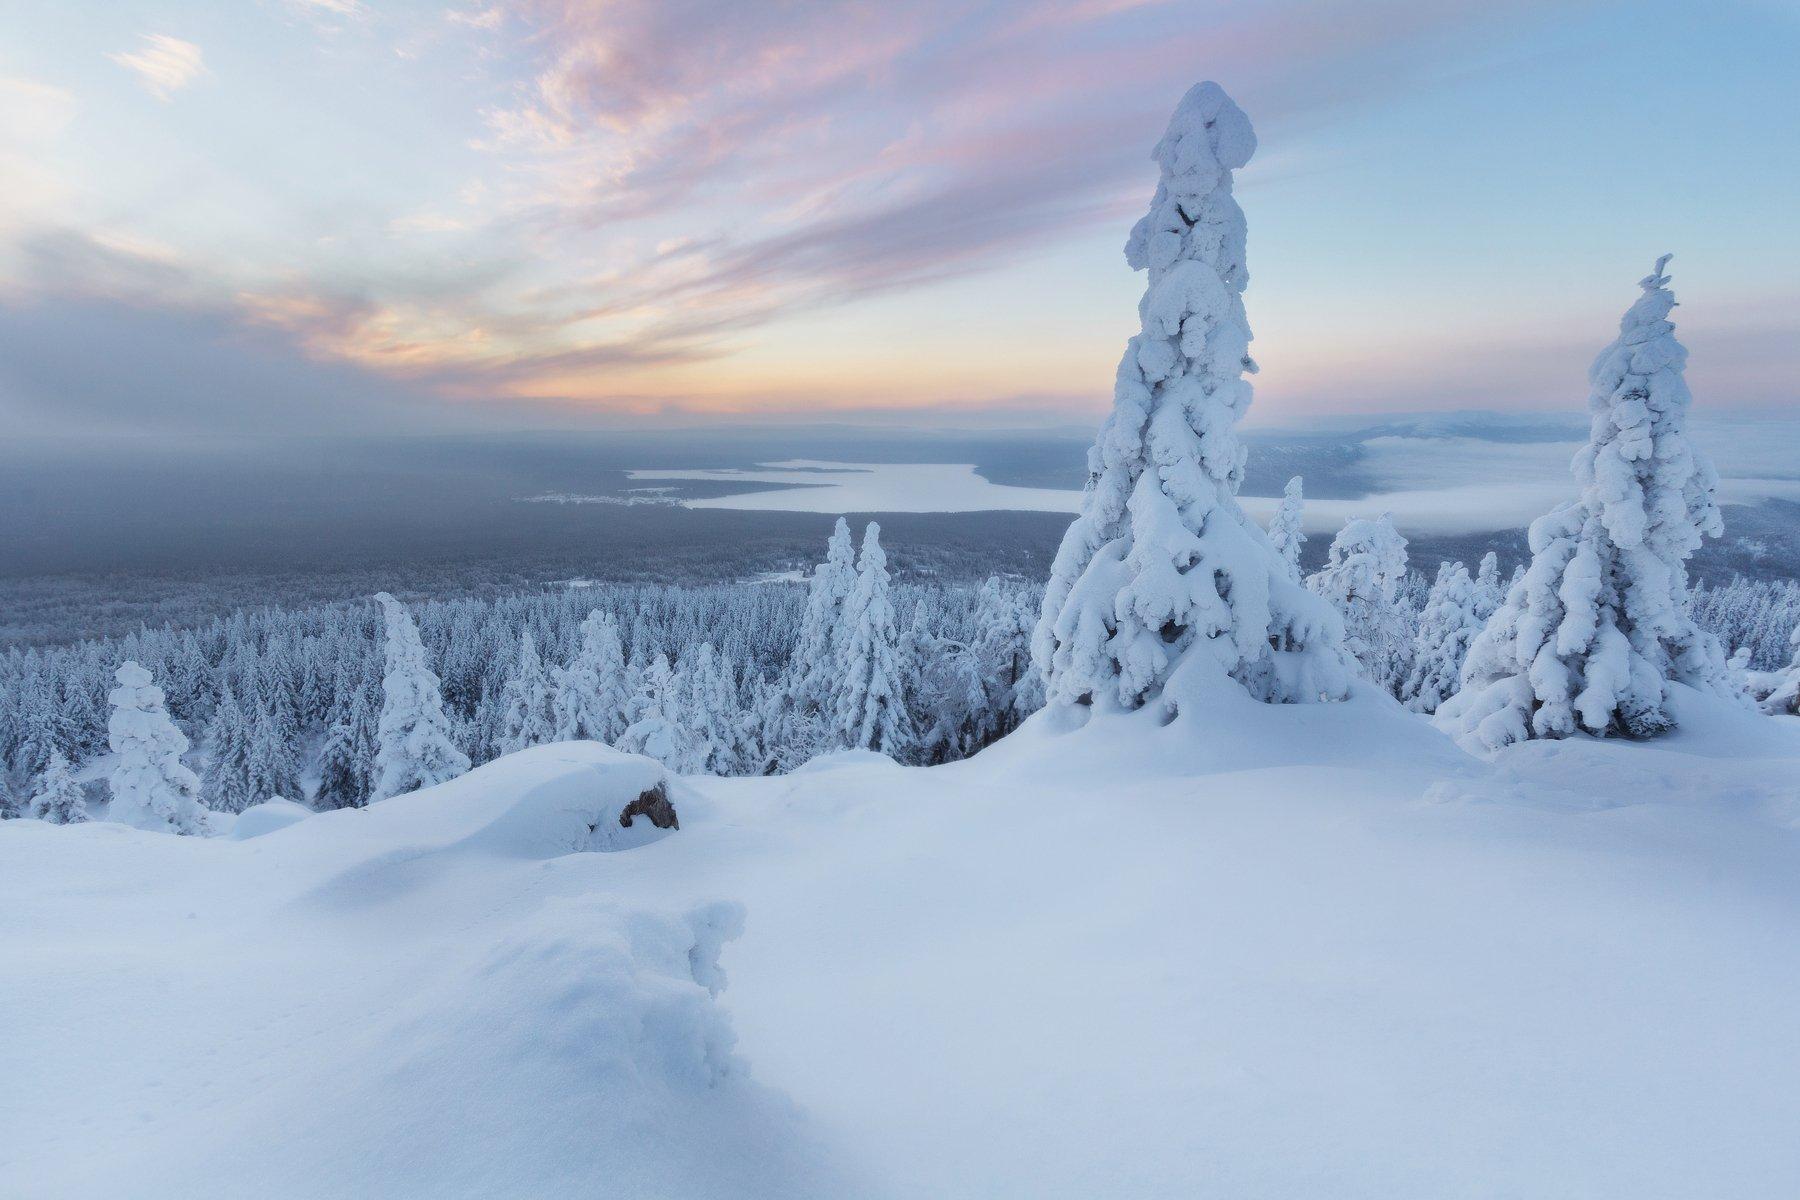 урал, южный урал, урал, уральские горы, хребет, уральский хребет, восход, зима, Сергей Гарифуллин